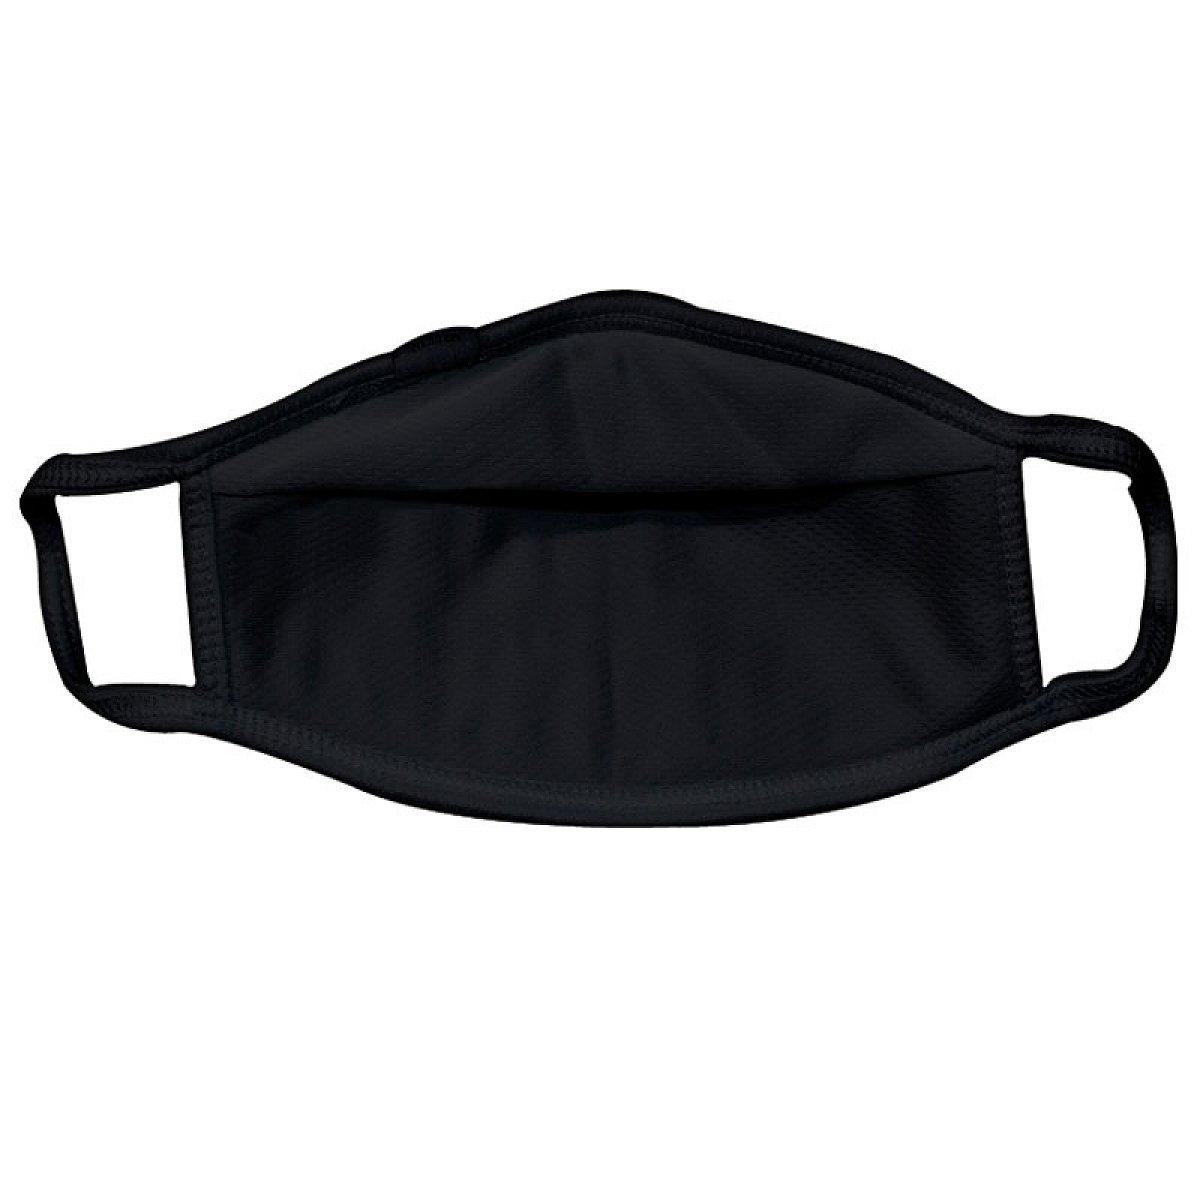 Protective mask, black, smaller mask shape